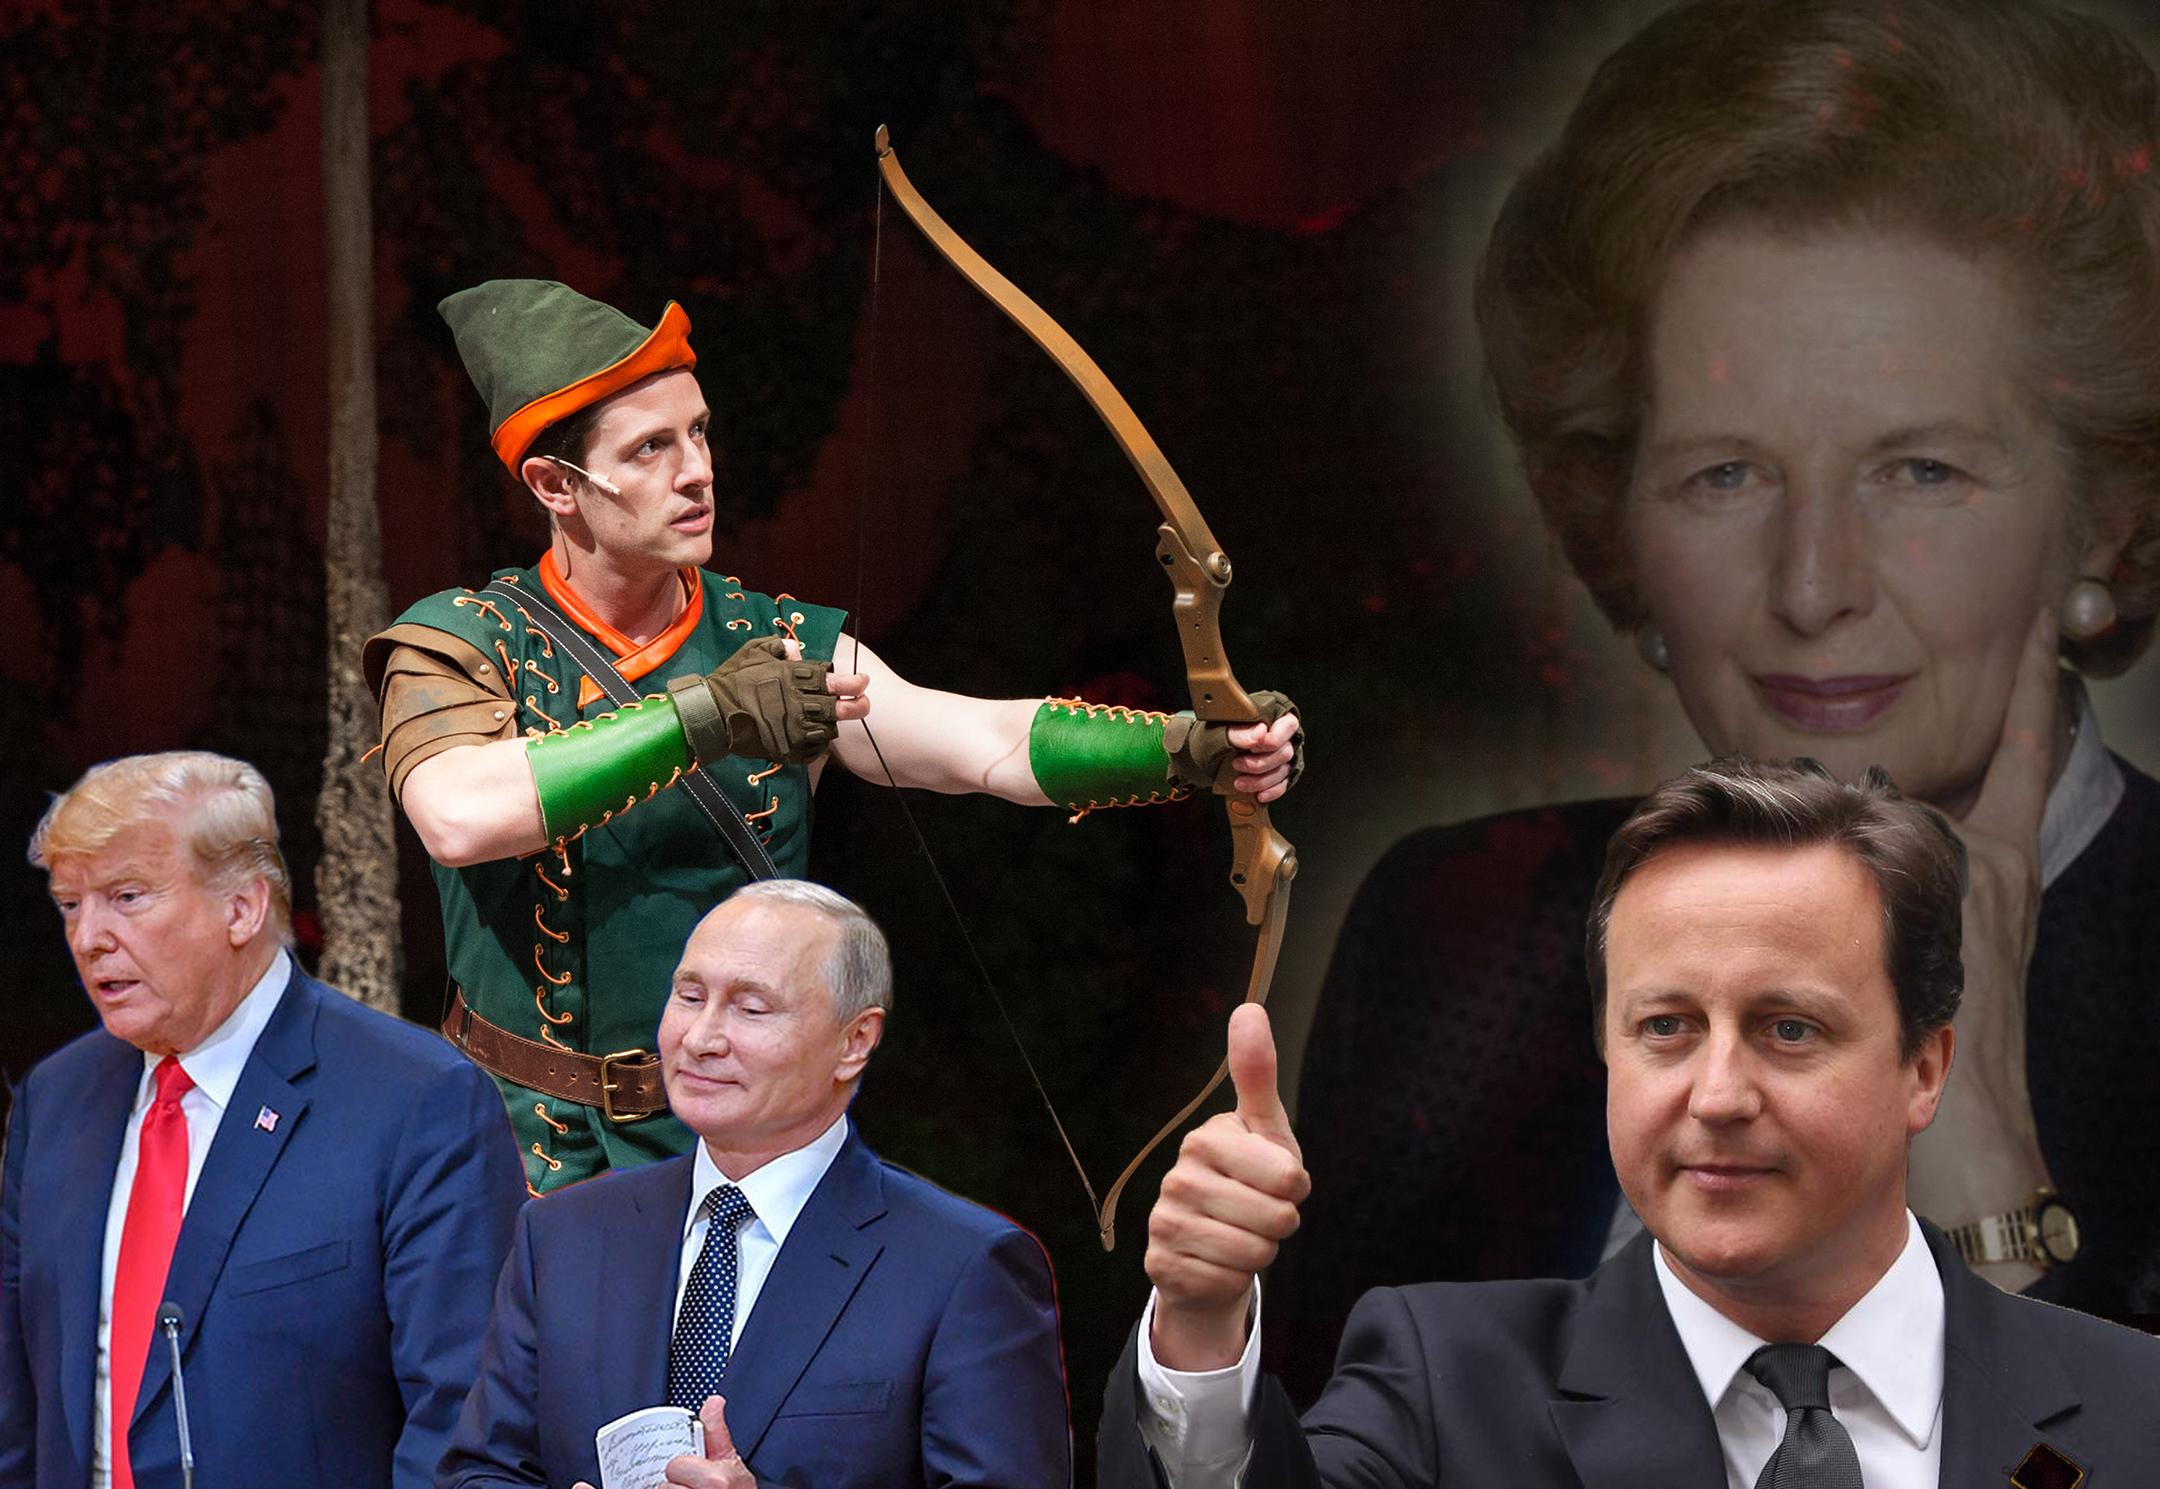 Thatcherandco-